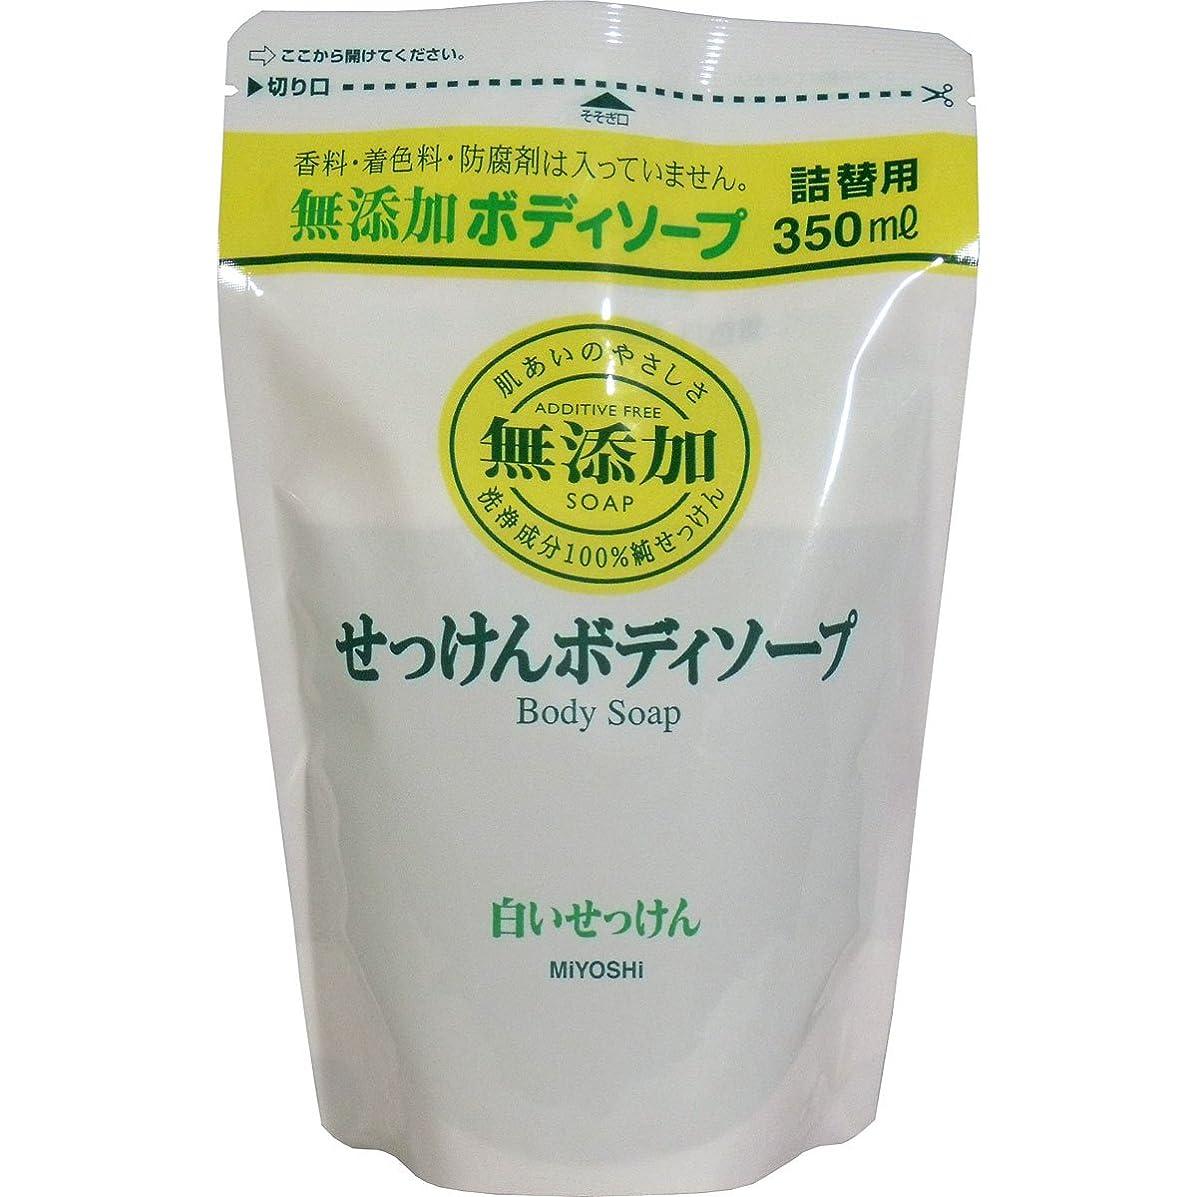 崩壊検出これまで無添加 ボディソープ 白い石けん つめかえ用 350ml(無添加石鹸) 7セット